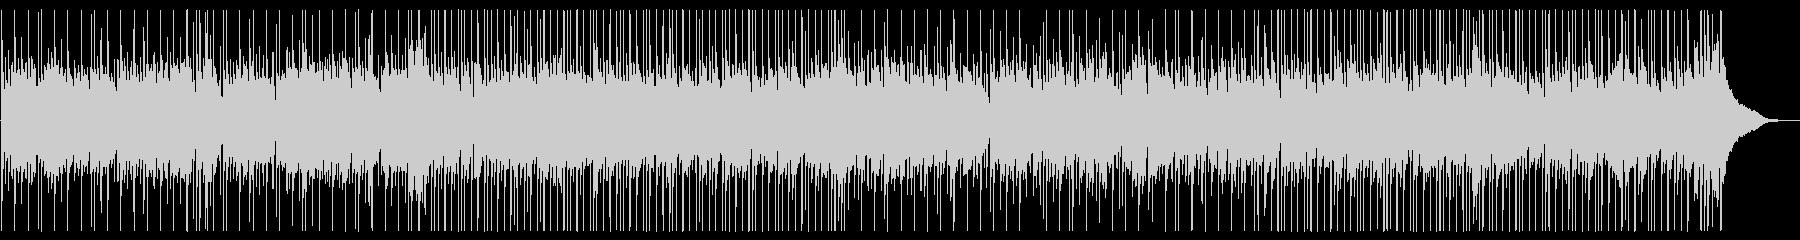 優しいマンドリンのソロ、カントリーBGMの未再生の波形